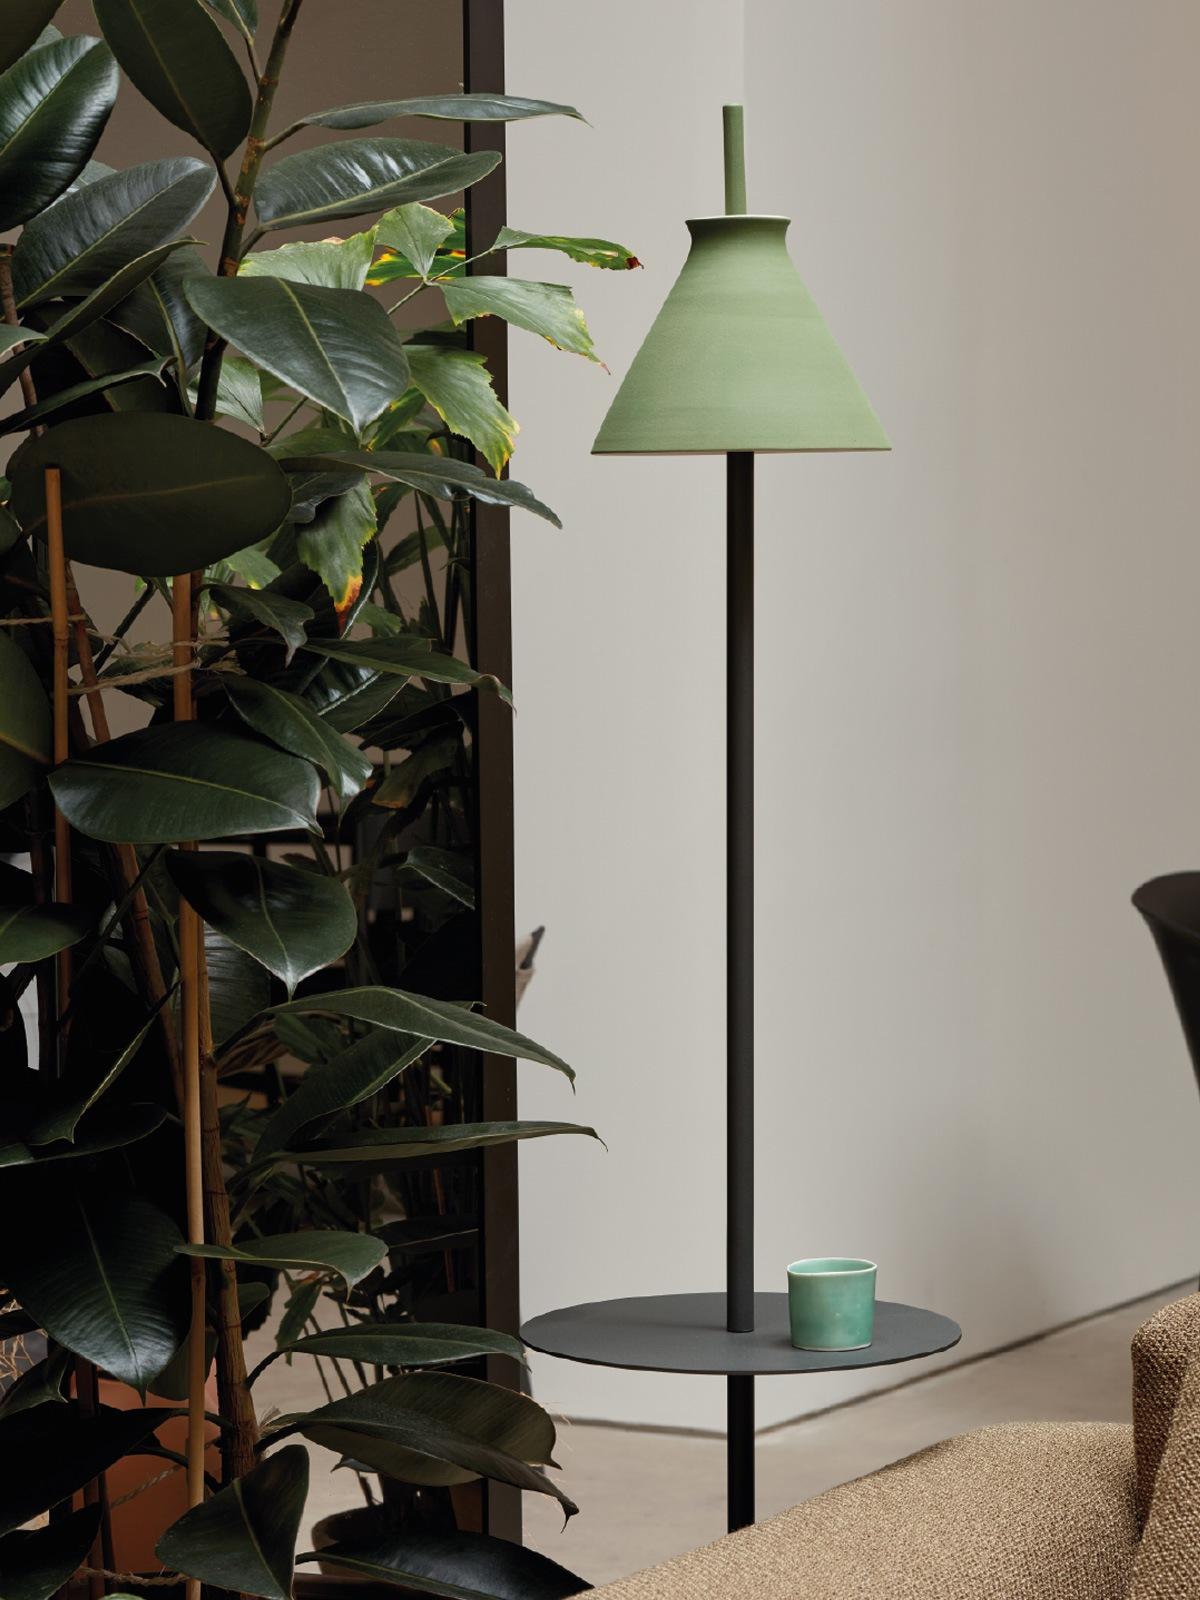 DesignOrt Blog: Die Designwelt von Pott Totana 20 Keramikleuchte Designort Berlin Lampen Onlineshop